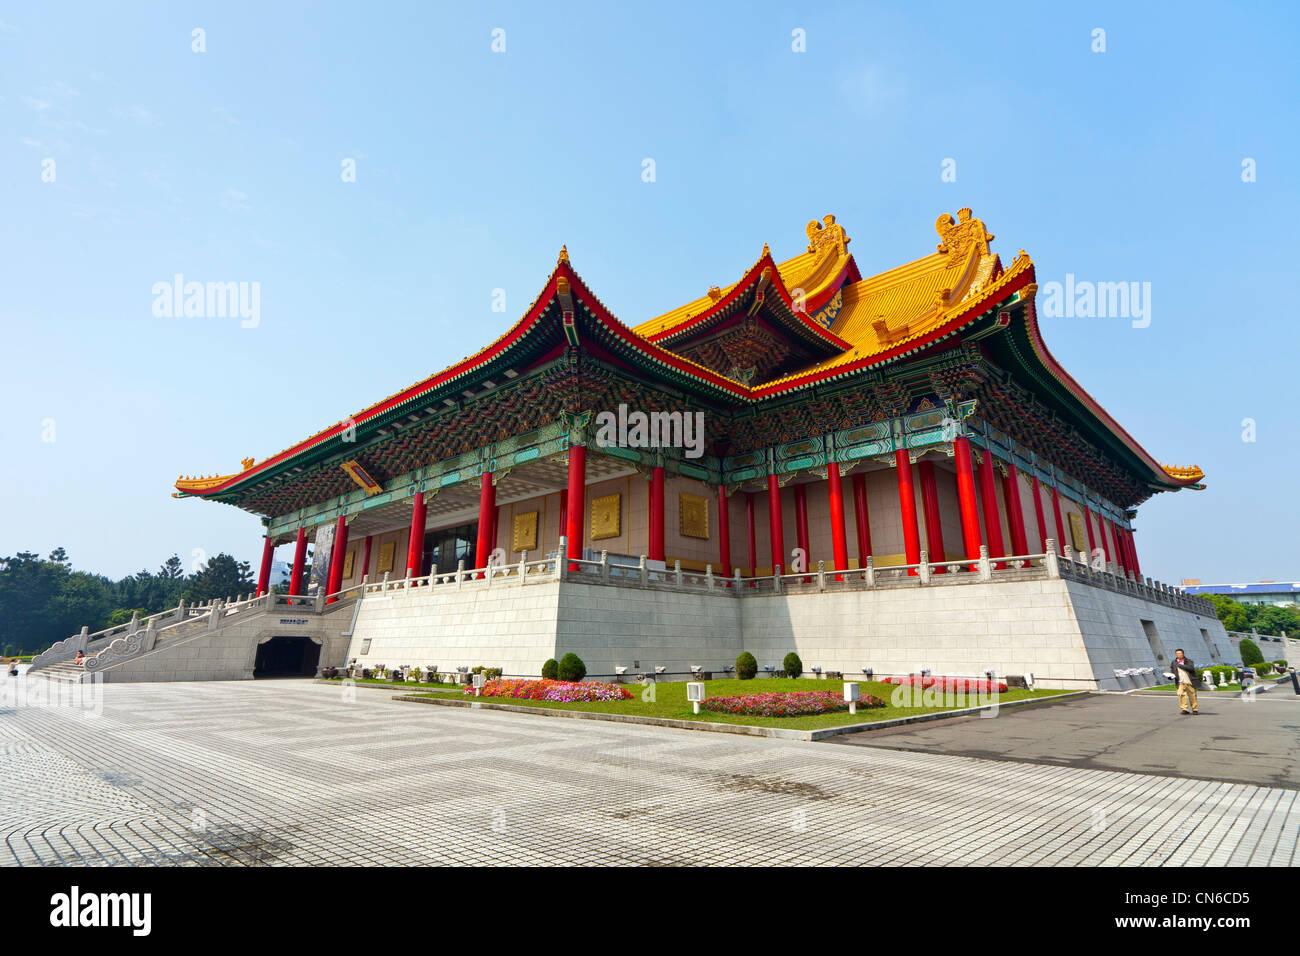 La National Concert Hall, Liberty Square (aka Piazza della Libertà), Taipei, Taiwan. JMH5668 Immagini Stock